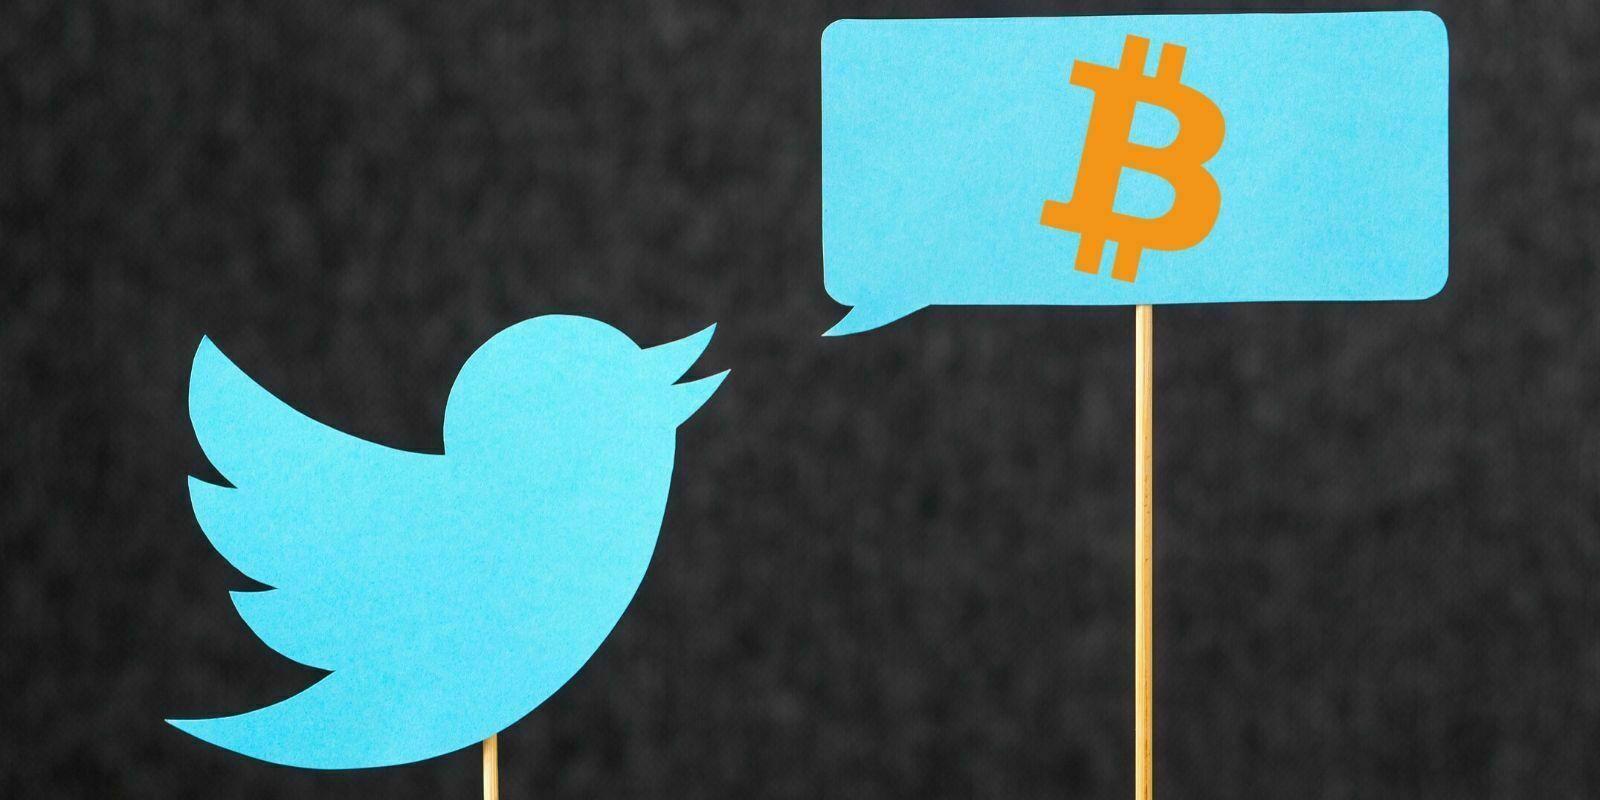 Jack Dorsey annonce l'ajout de l'emoji #Bitcoin sur Twitter